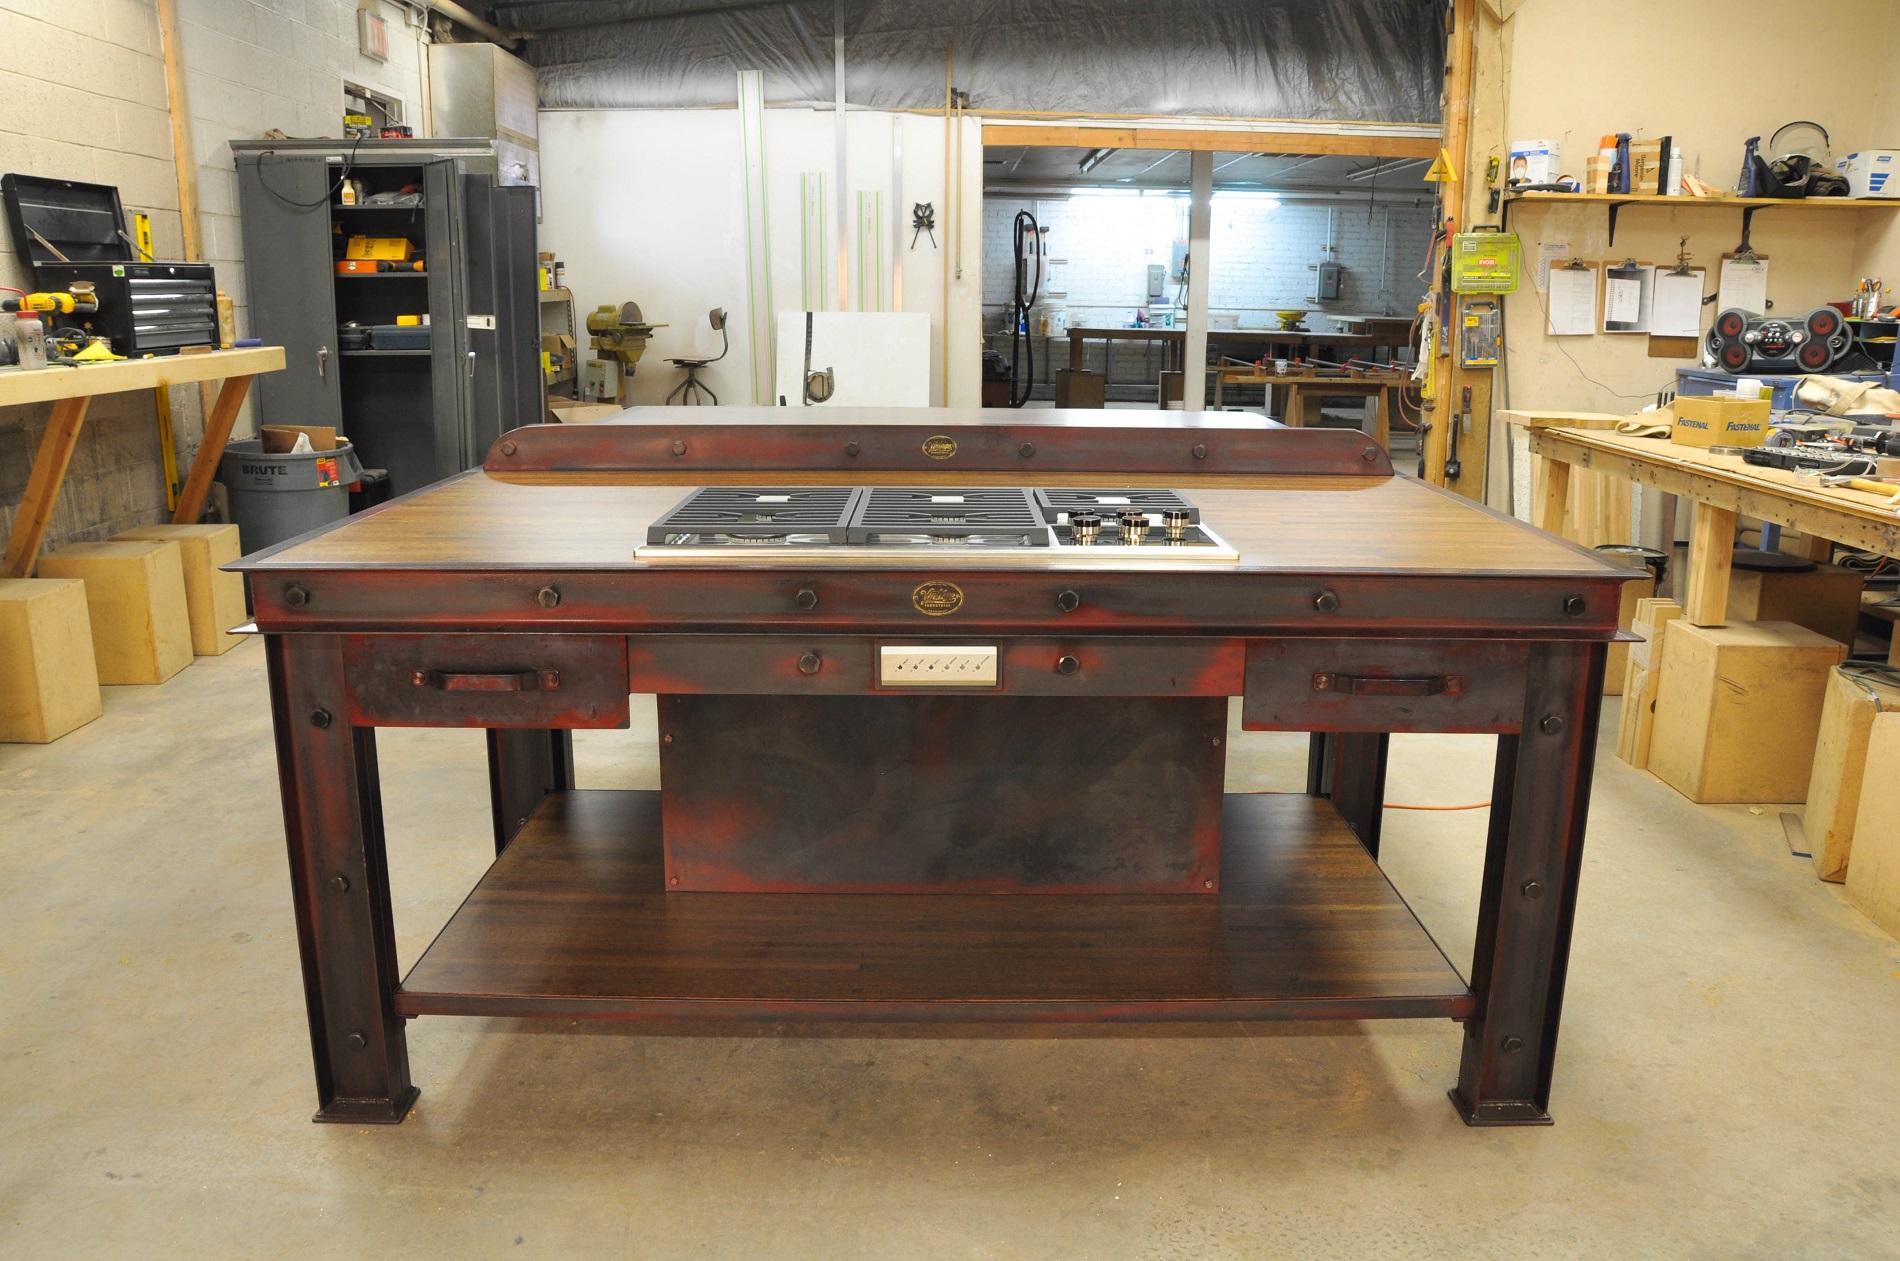 vintage industrial kitchen island 3 industrial kitchen table Wilbur Firehouse Island 1 Wilbur Firehouse Island 2